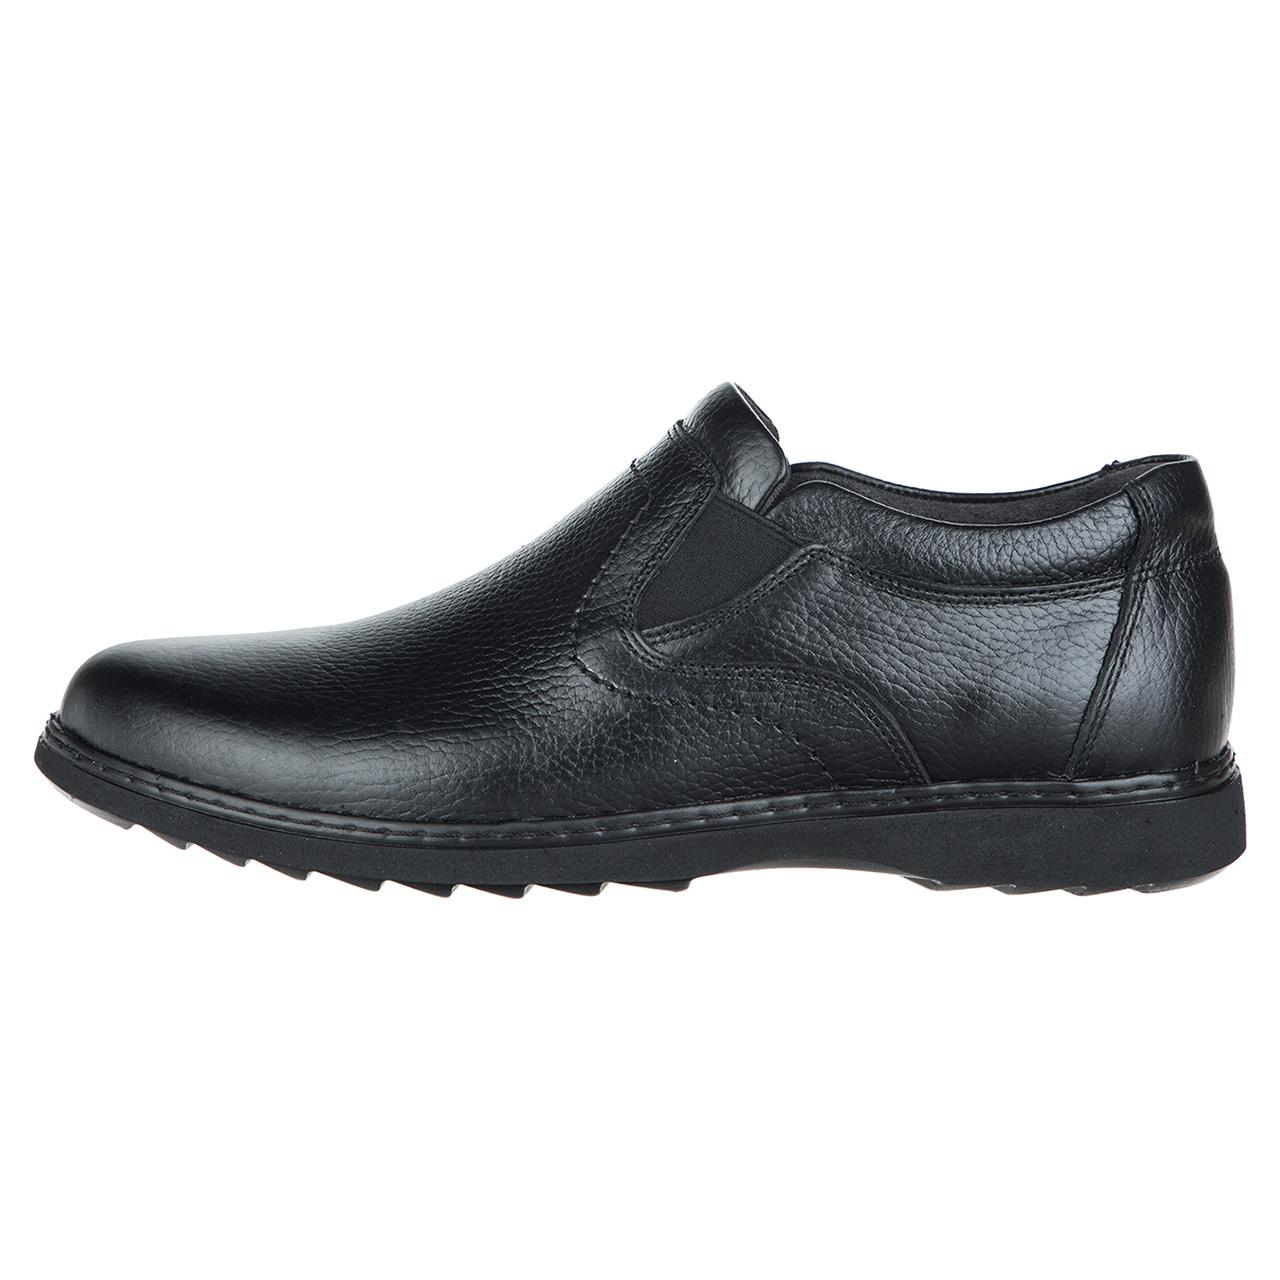 کفش مردانه چرم طبیعی مدل بی بند کد 14